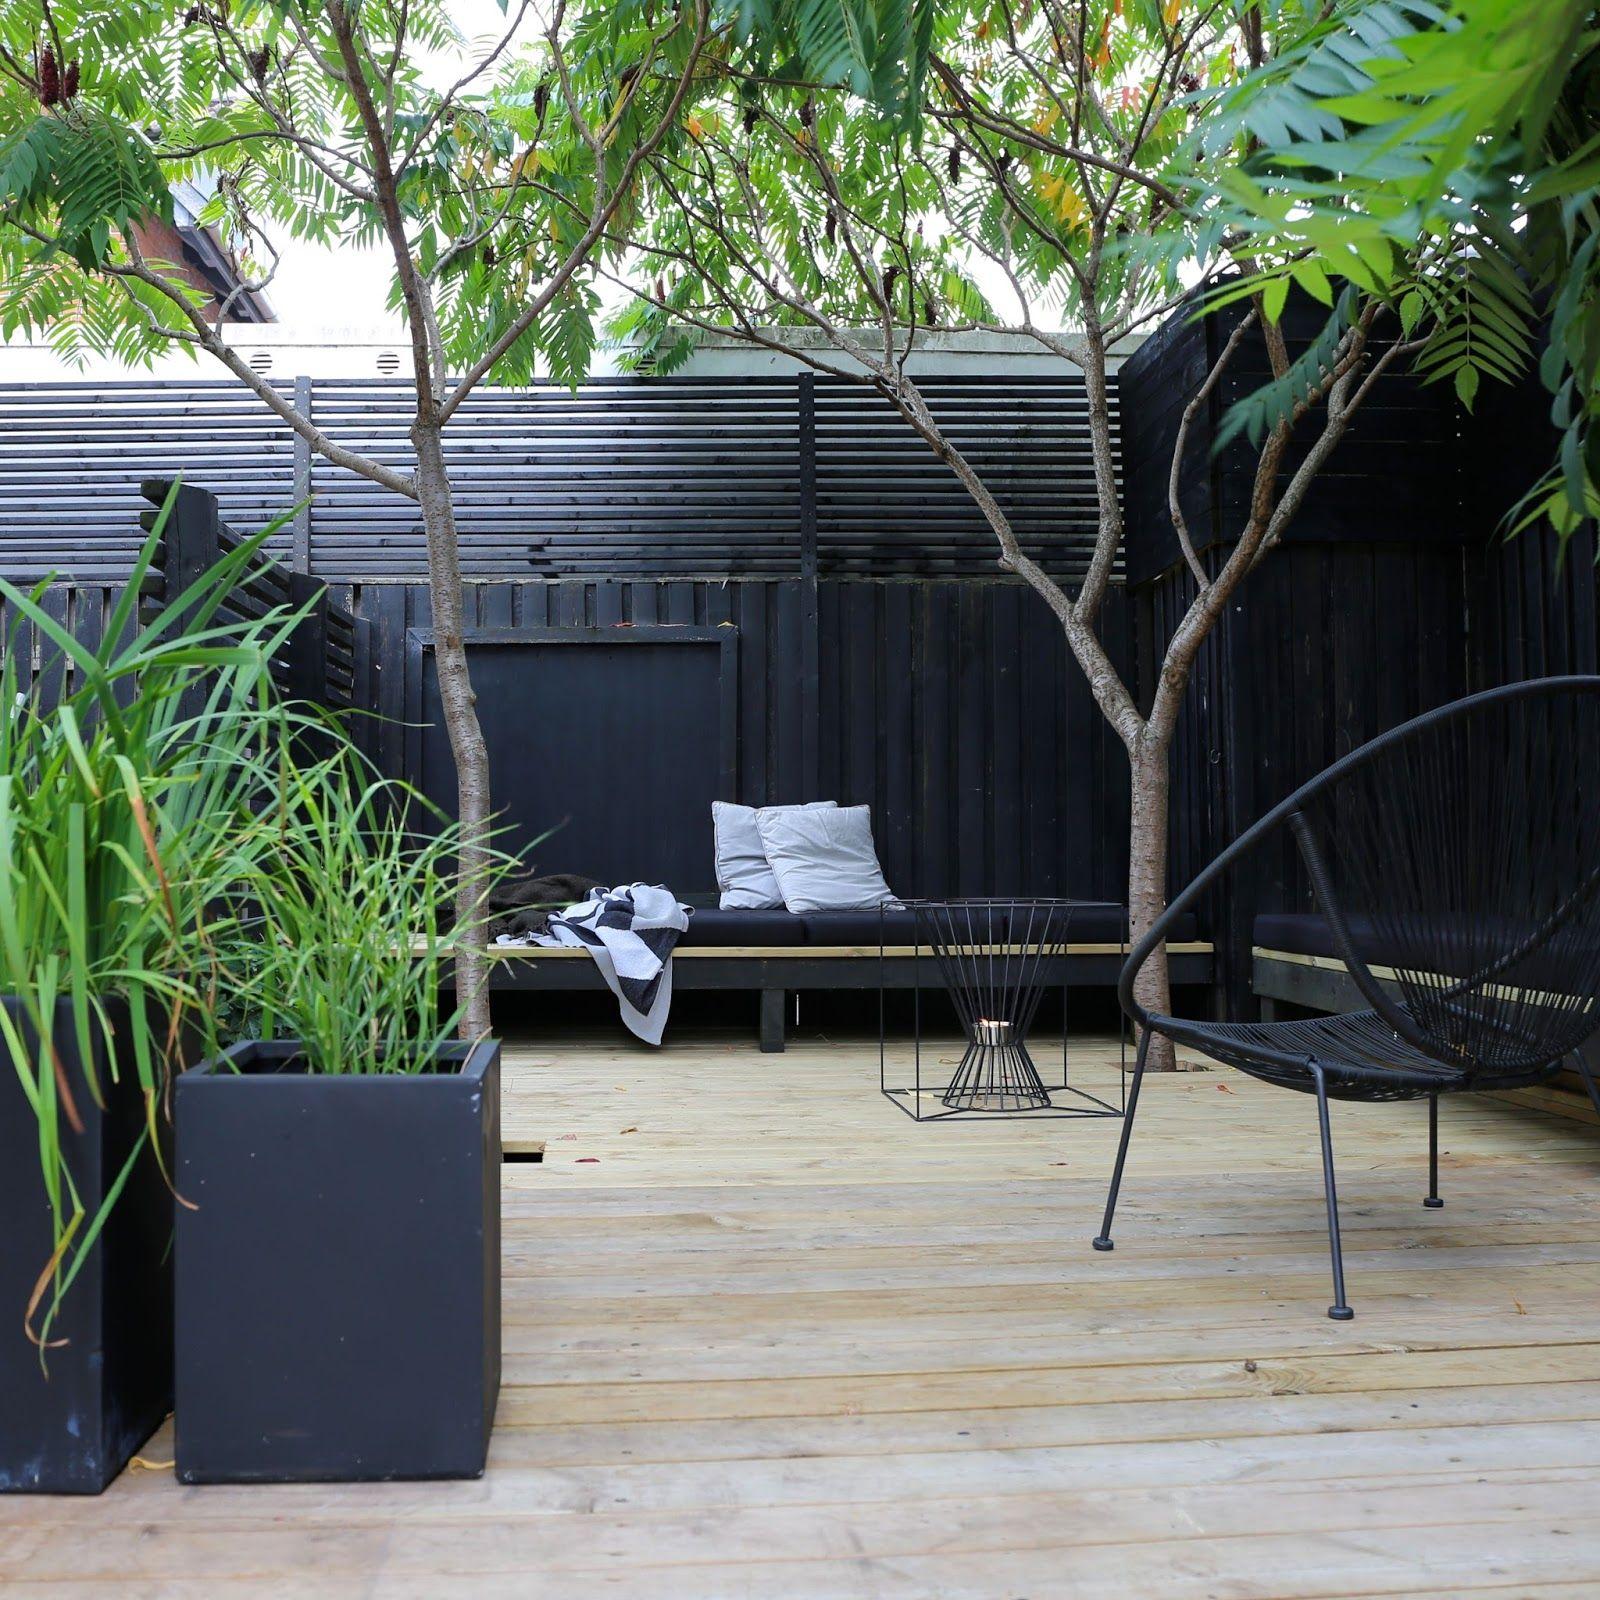 Nakosuoja Aita Piha Aita Rimoitus Pihan Yksityisyys Tummat Savyt Pihalla Ii Modern Privacy Fence Outdoor Gardens Design Backyard Patio